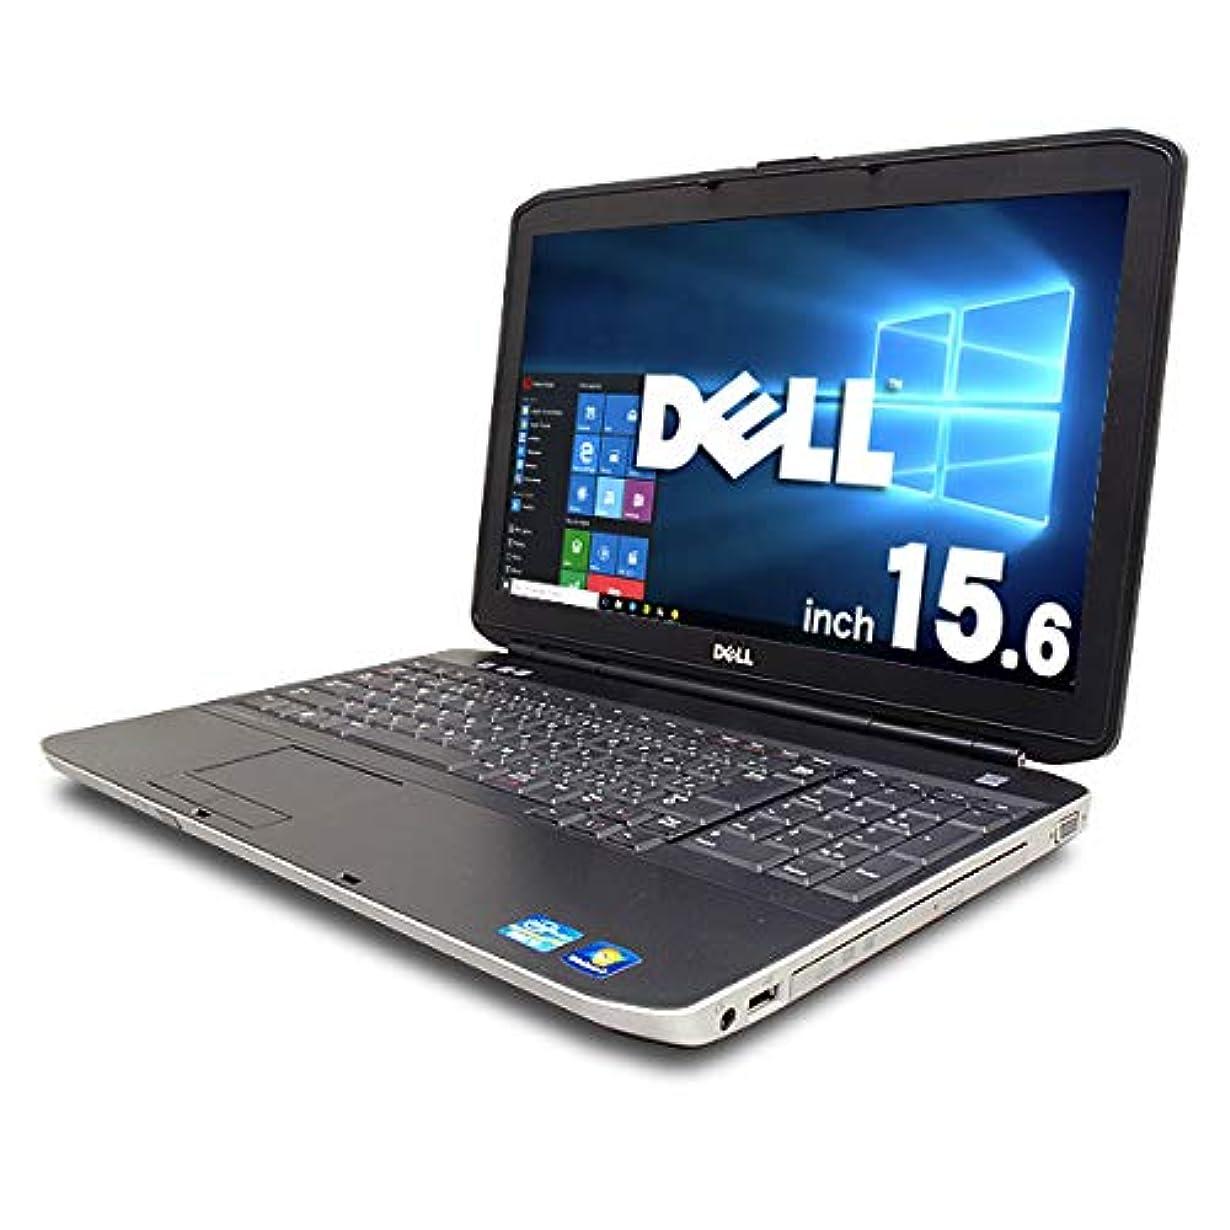 みすぼらしいもっとシソーラスノートパソコン 中古 DELL Latitude E5530 Core i3 4GBメモリ 15.6インチ Windows10 MicrosoftOffice2007